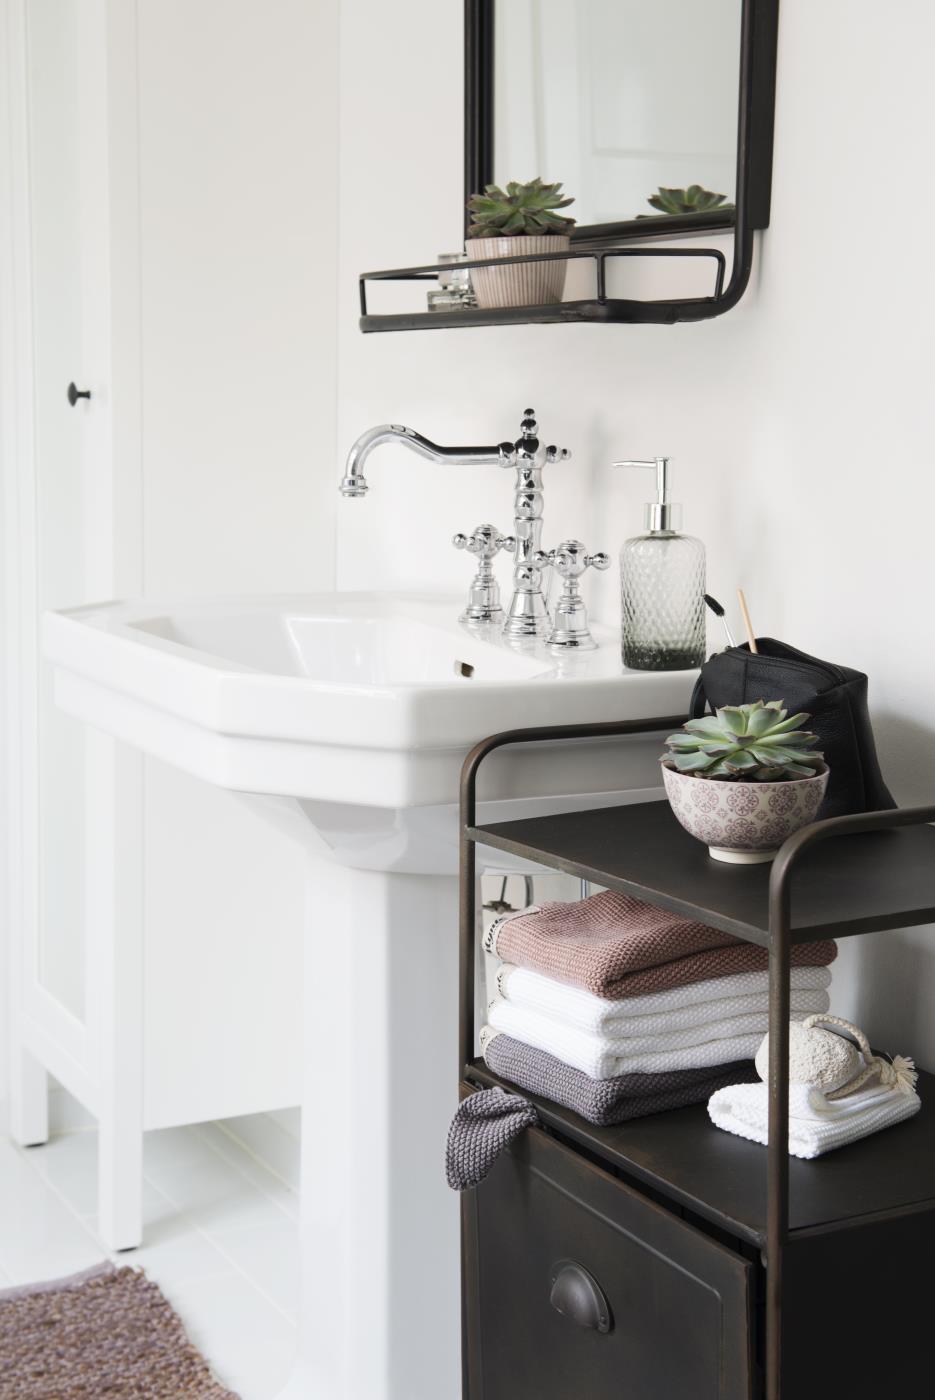 Badezimmer Deko & Zubehör, Bild 1